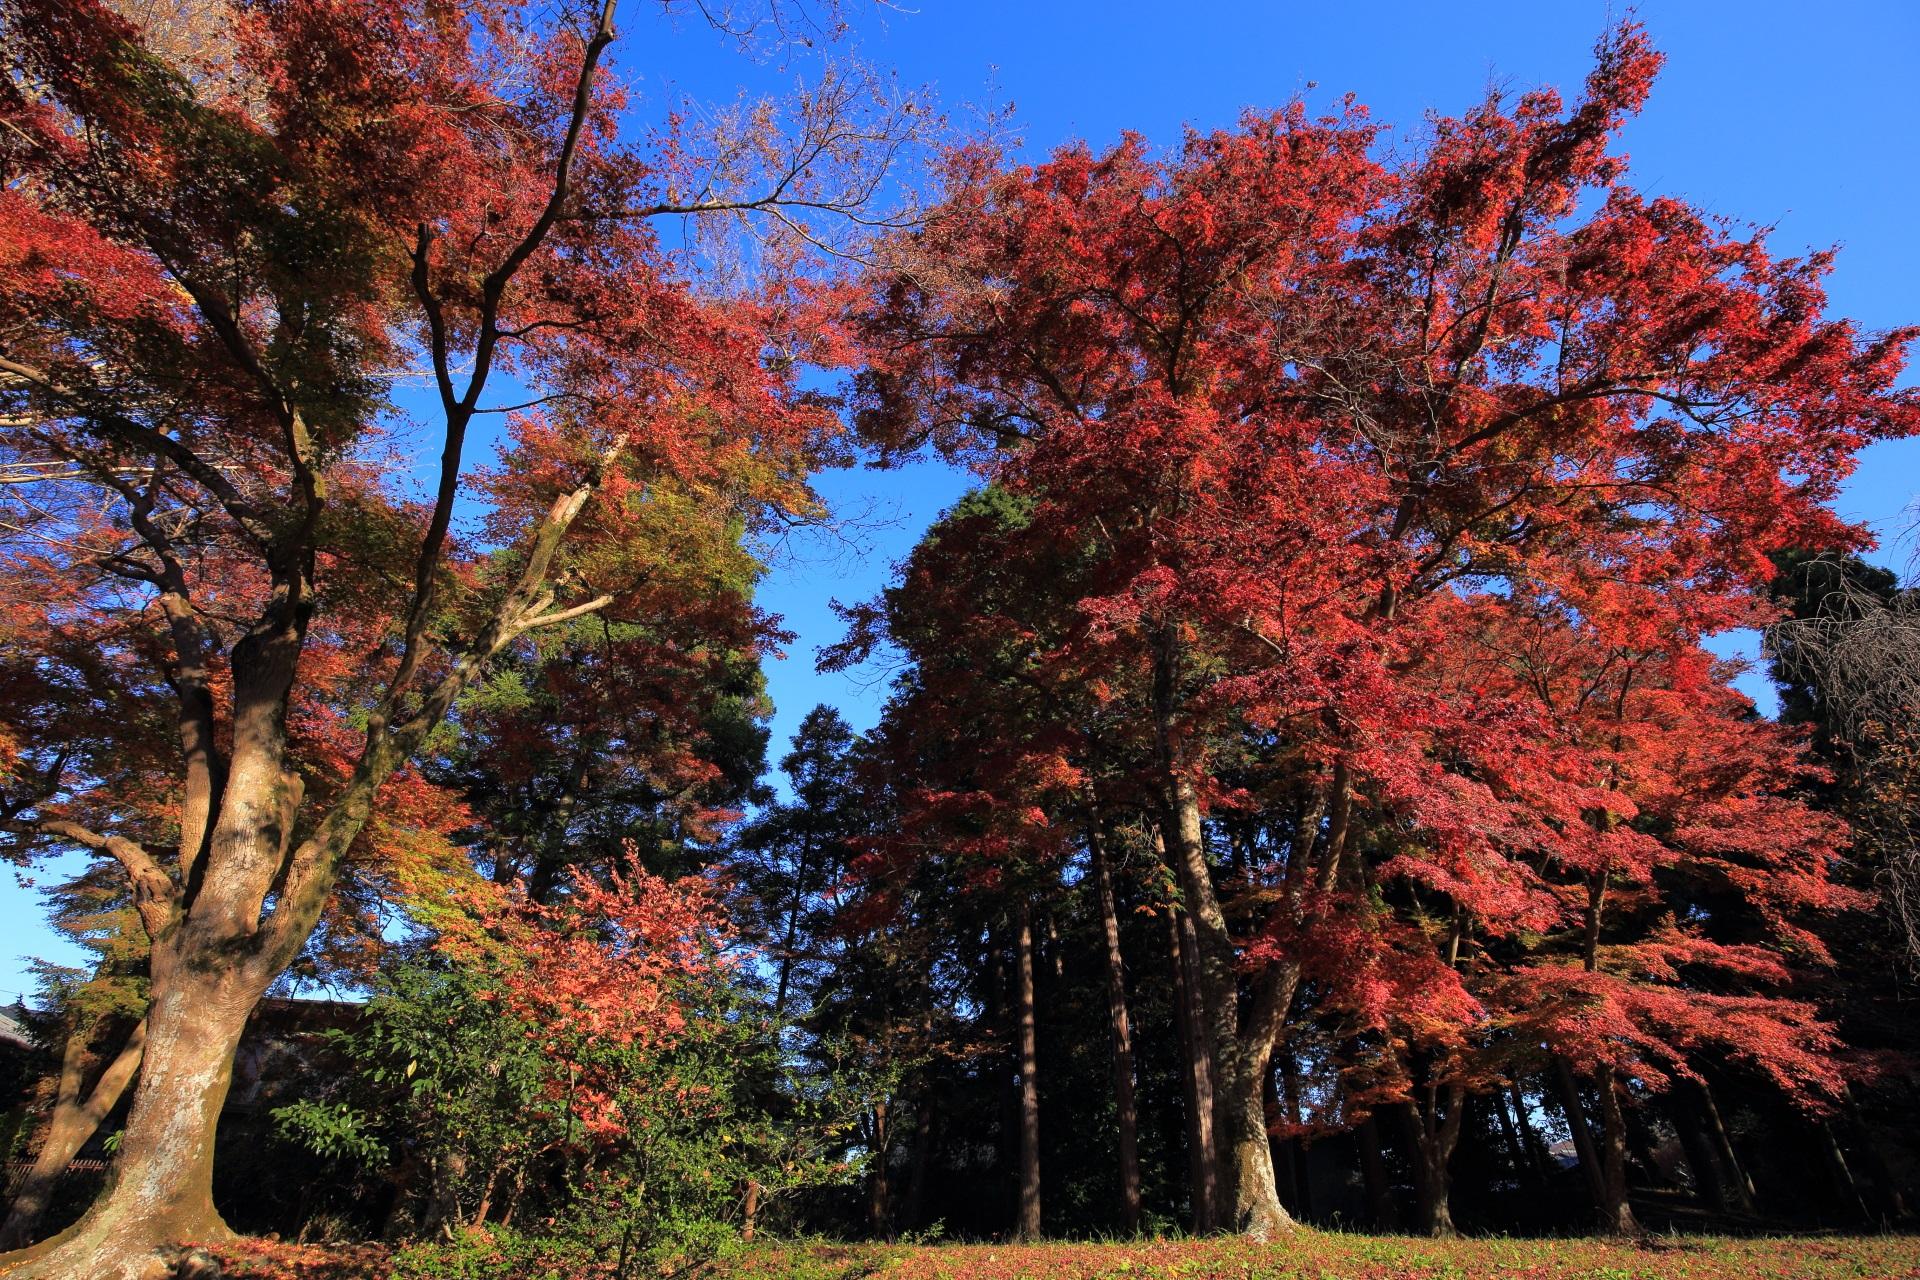 真っ赤に染まる大きな紅葉